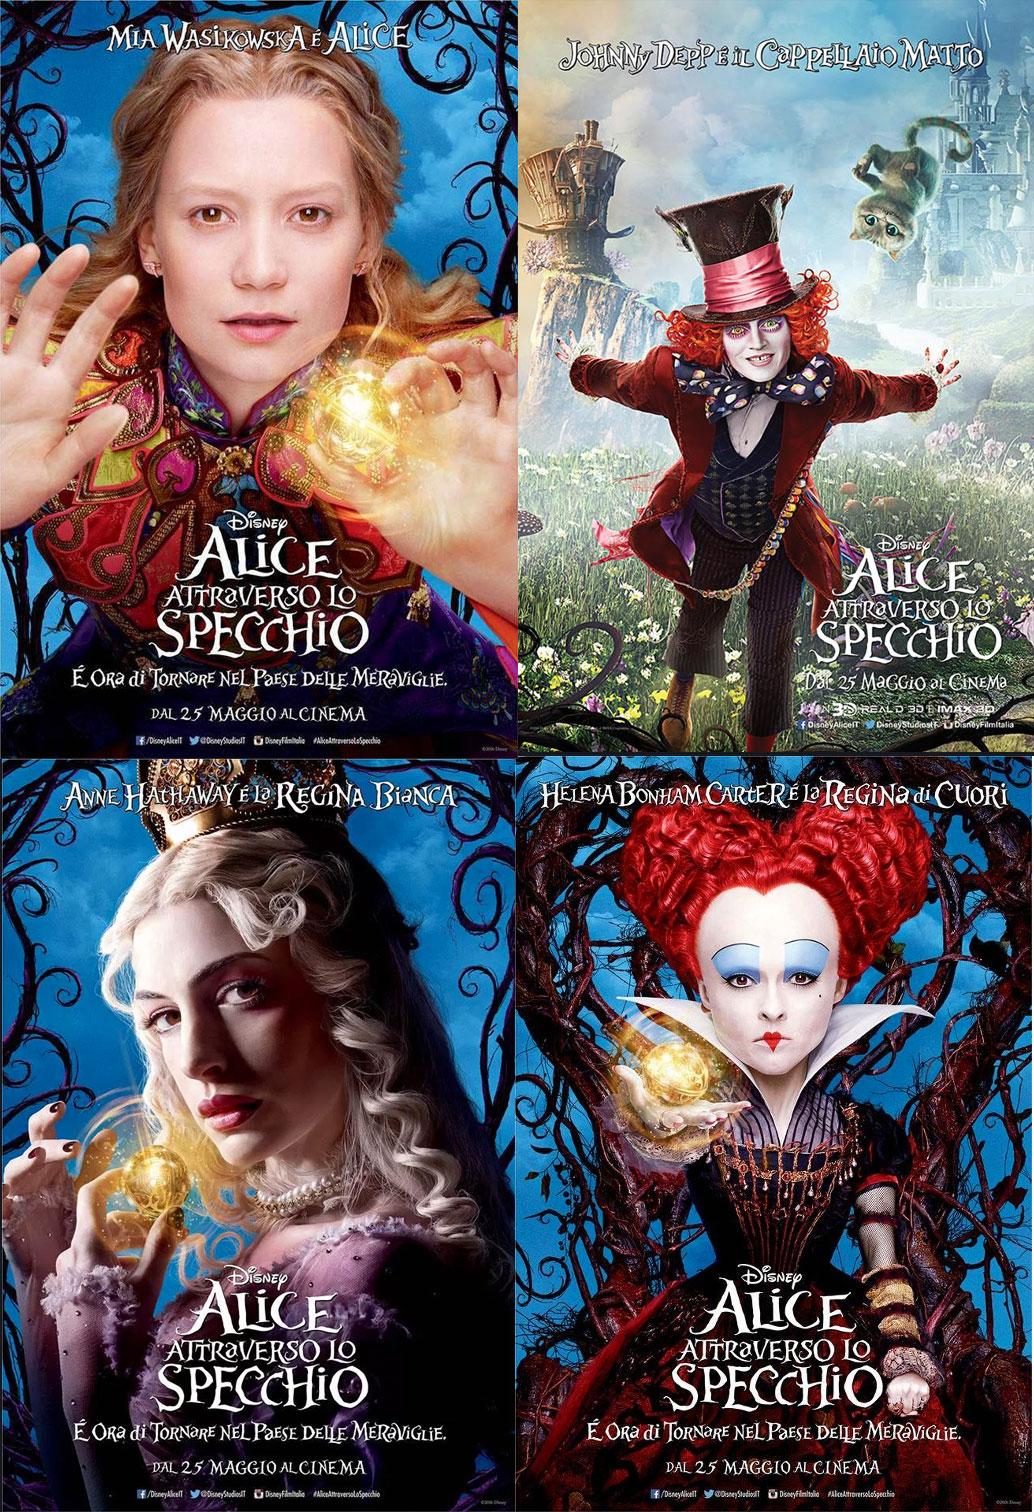 Frasi Del Film Alice In Wonderland